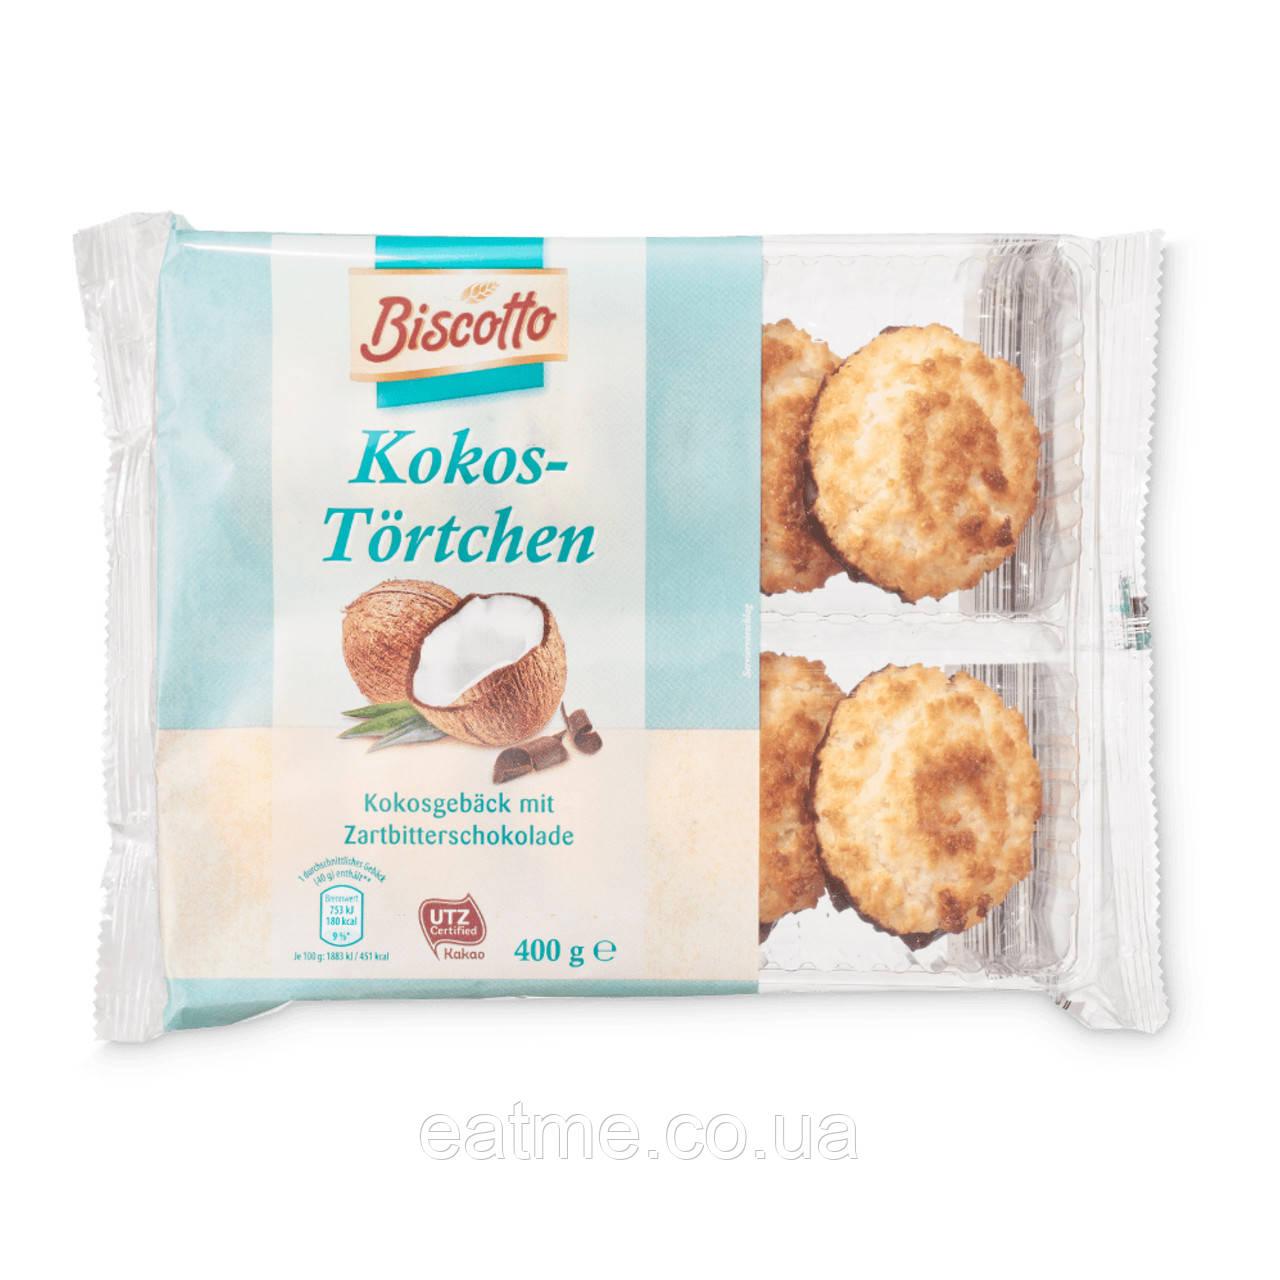 Biscotto Kokos-Tortchen Кокосовое печенье в чёрном шоколаде